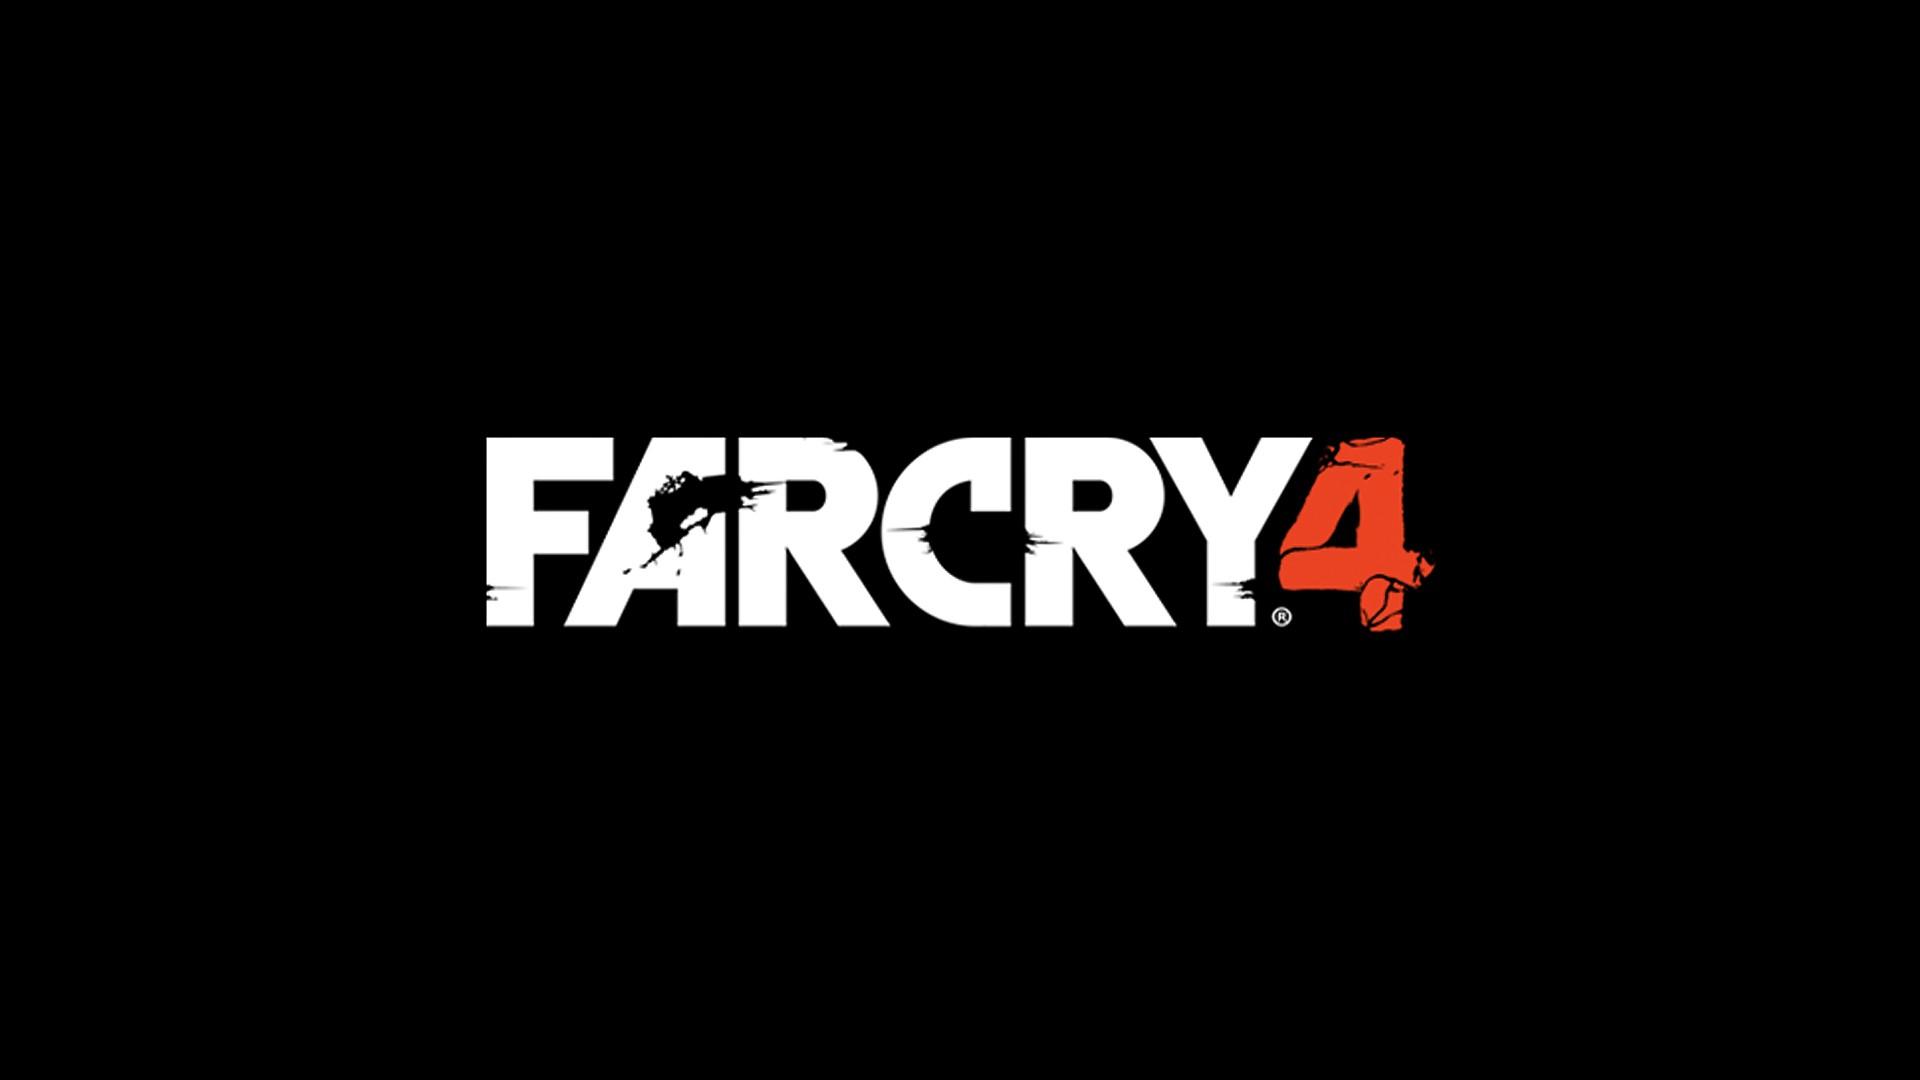 Far Cry 4 hd logo